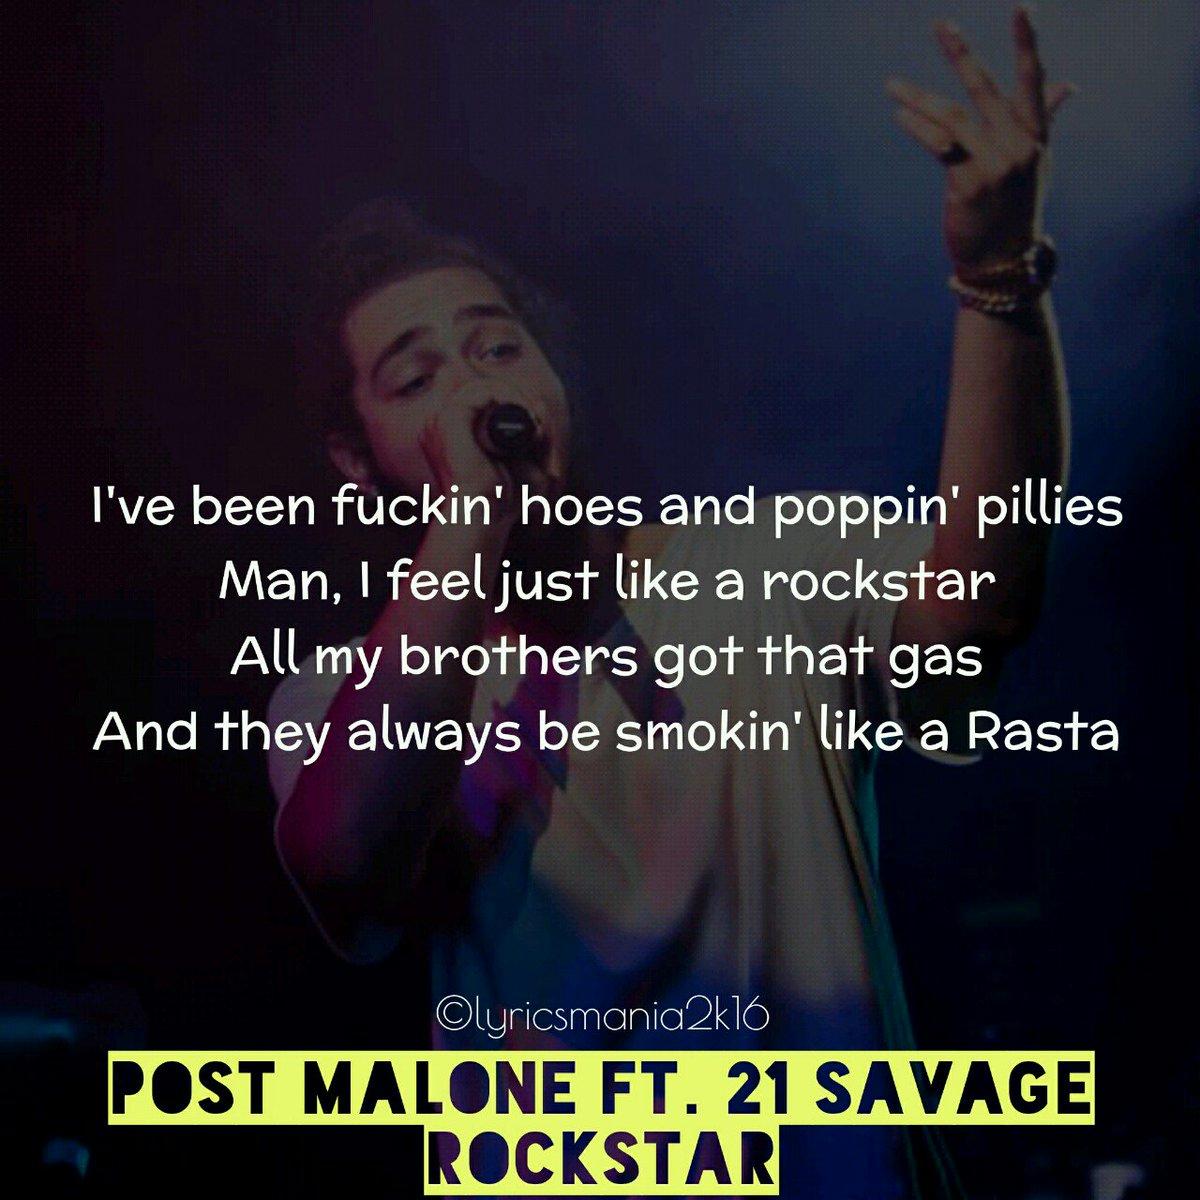 lyricsmania2k16 on twitter post malone rockstar feat 21 savage postmalone rockstar 21savage lyrics songlyrics songquotes lyricscards postmalone rockstar 21savage lyrics